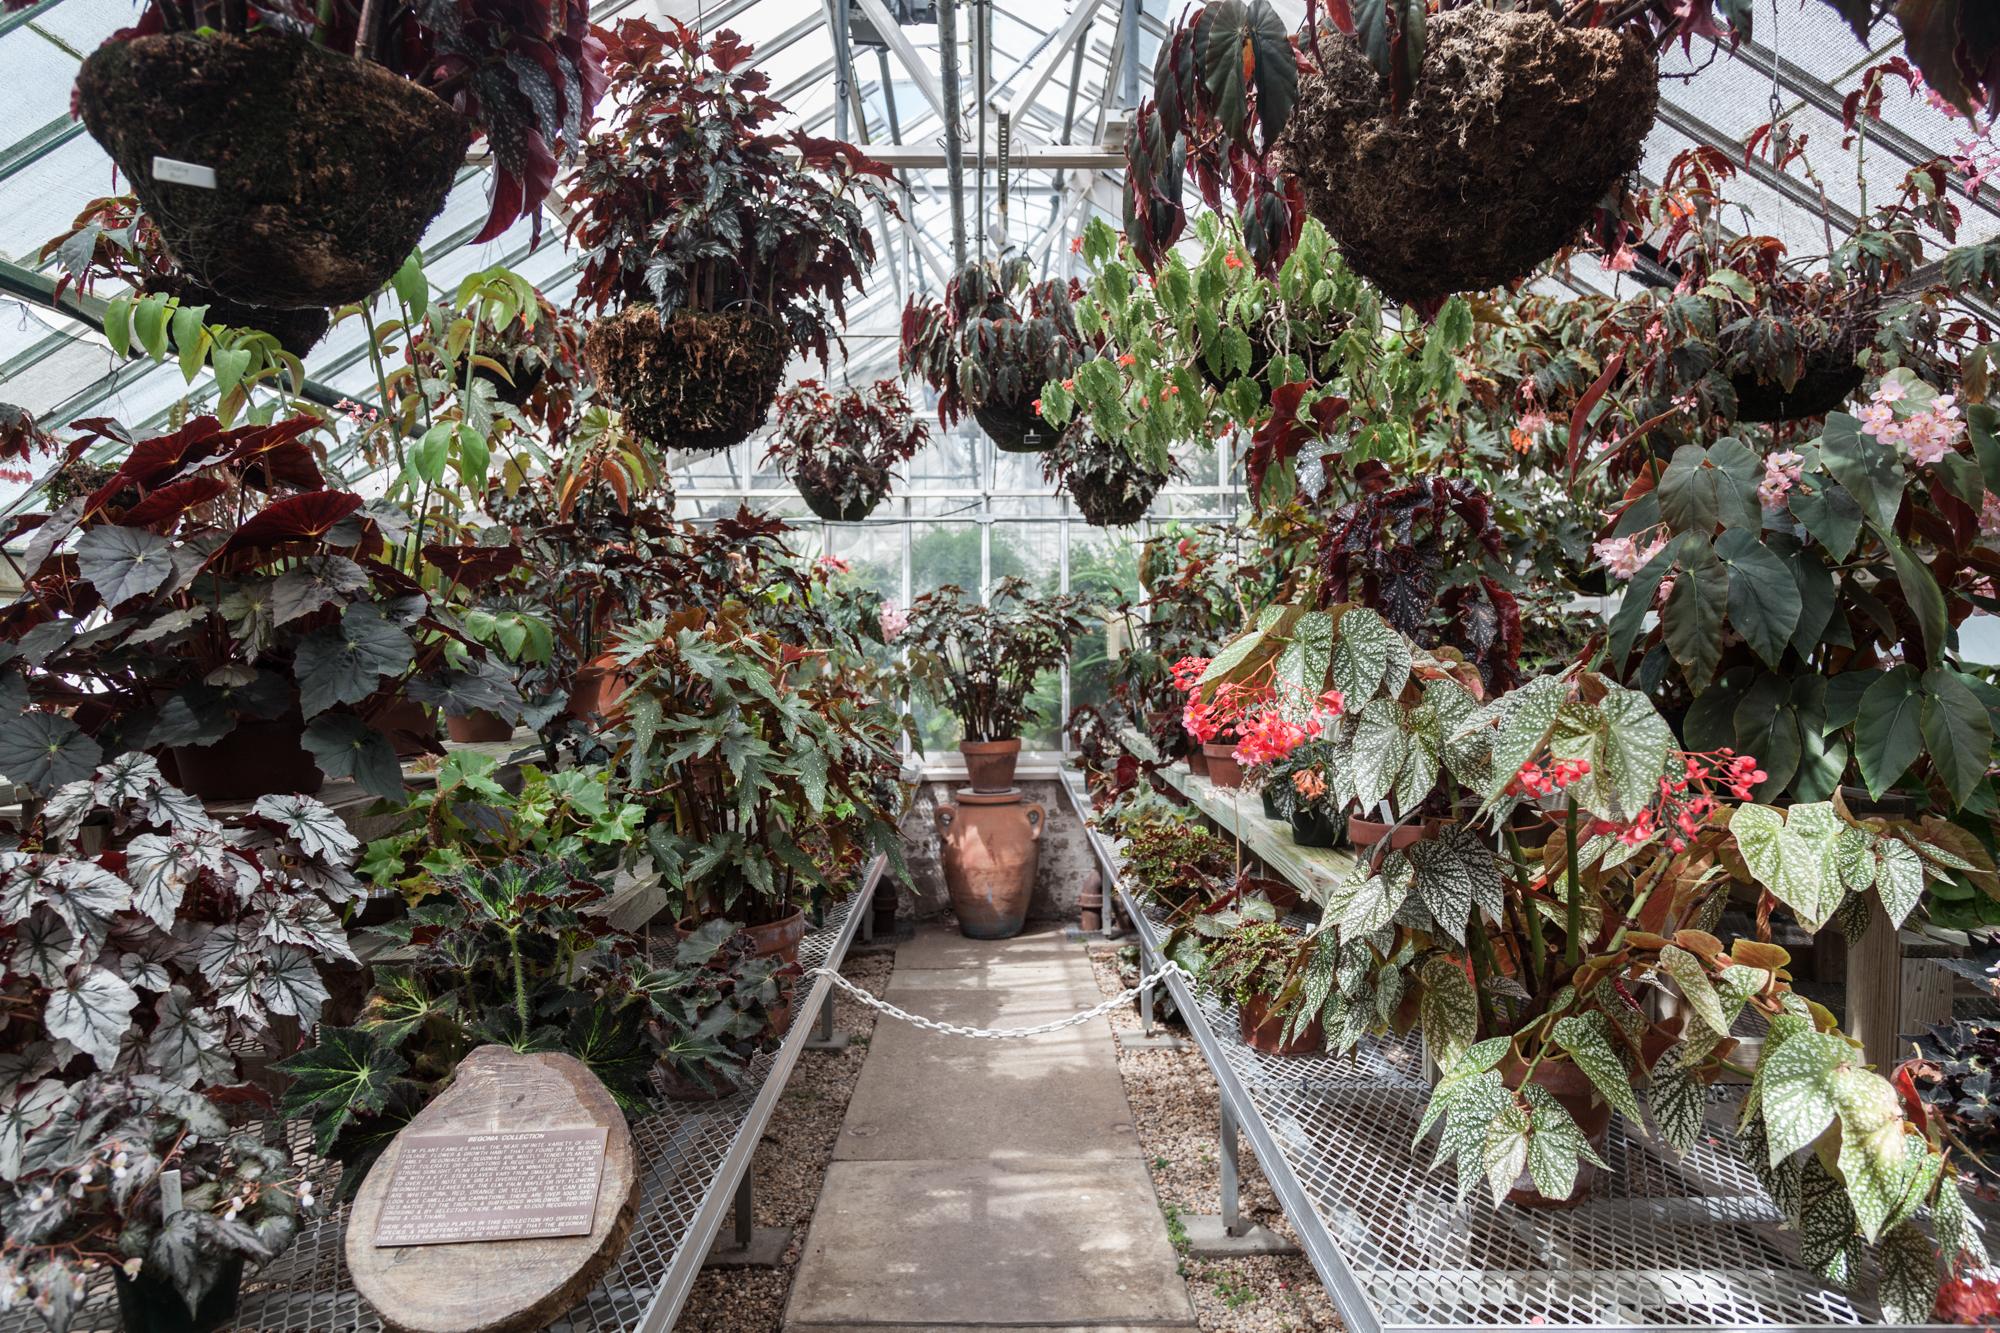 Planting-Fields-Arboretum-Greenhouse-Homestead-Brooklyn-Begonia-Room.jpg